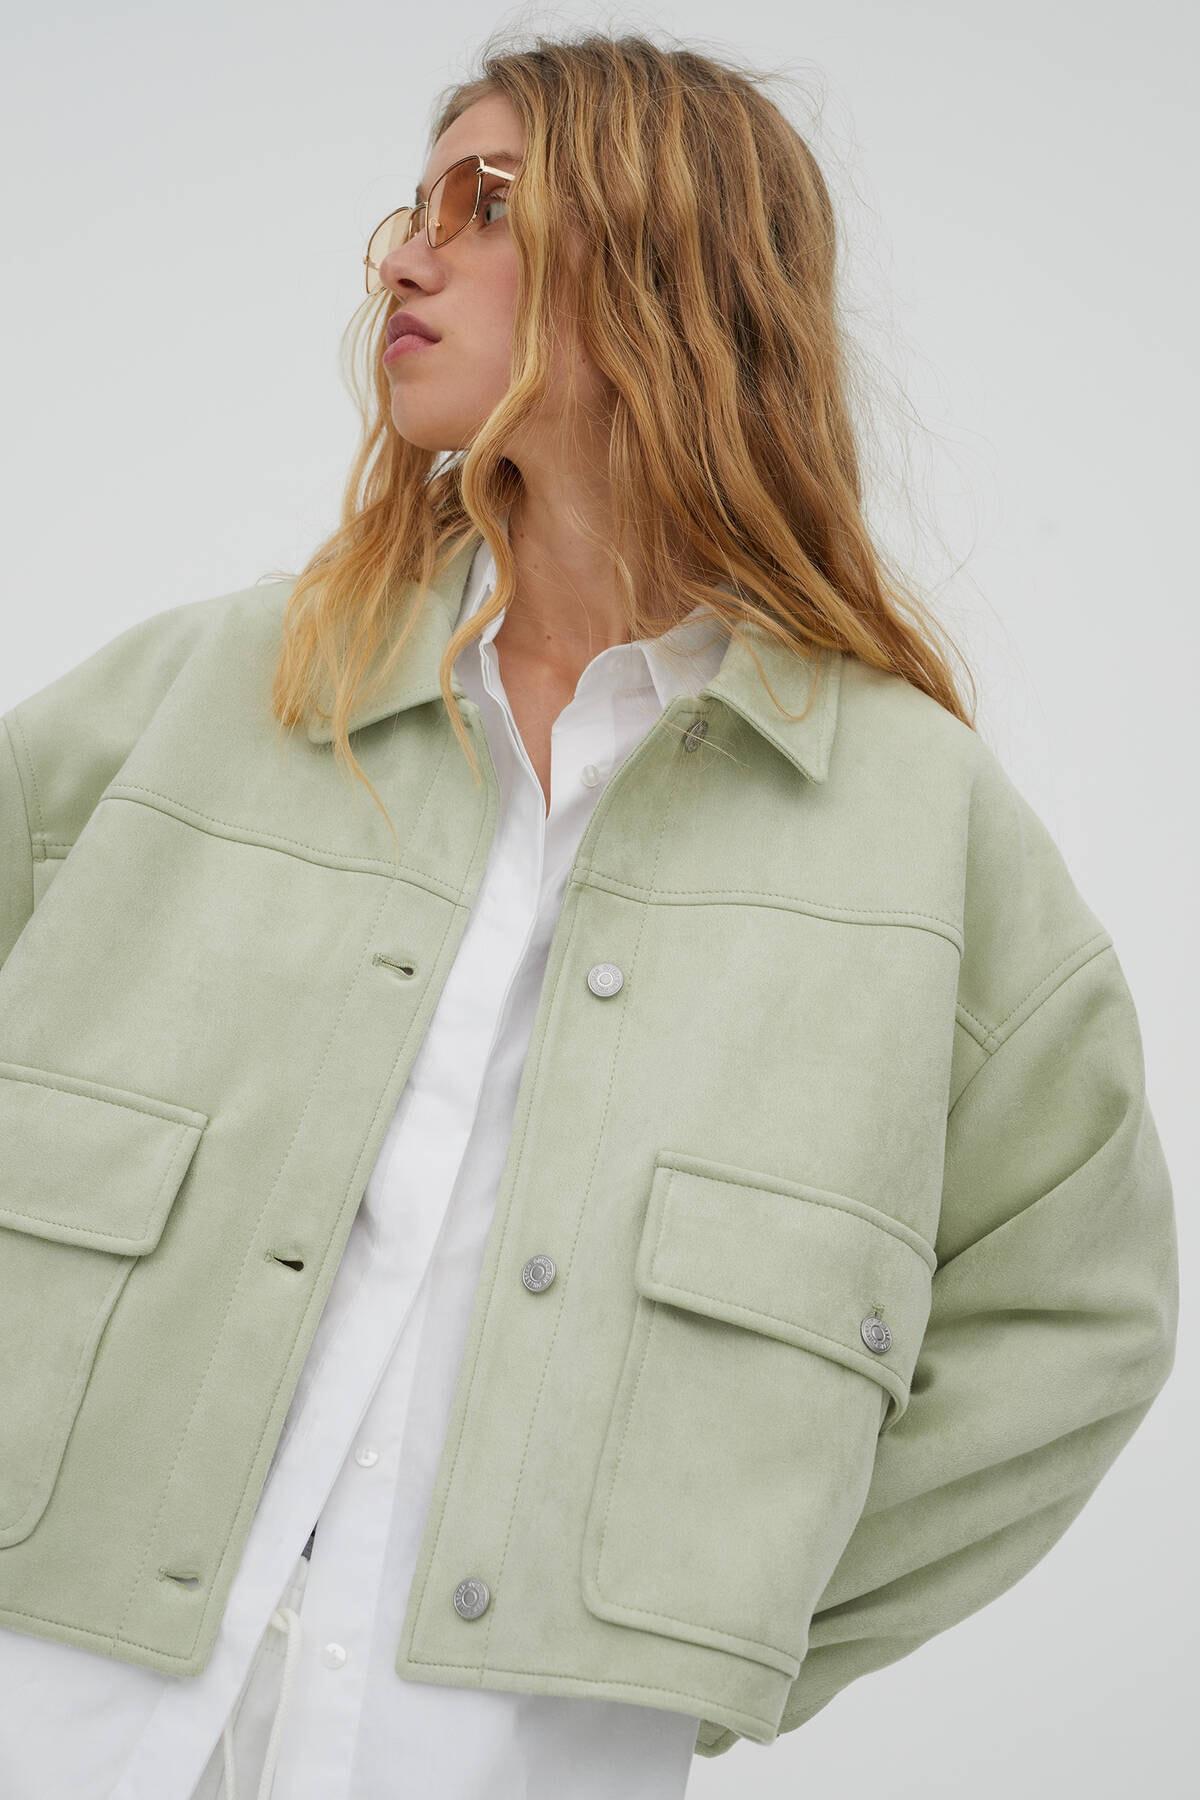 Pull & Bear Kadın  Açık Yeşil Crop Fit Suni Süet Ceket 04711315 1